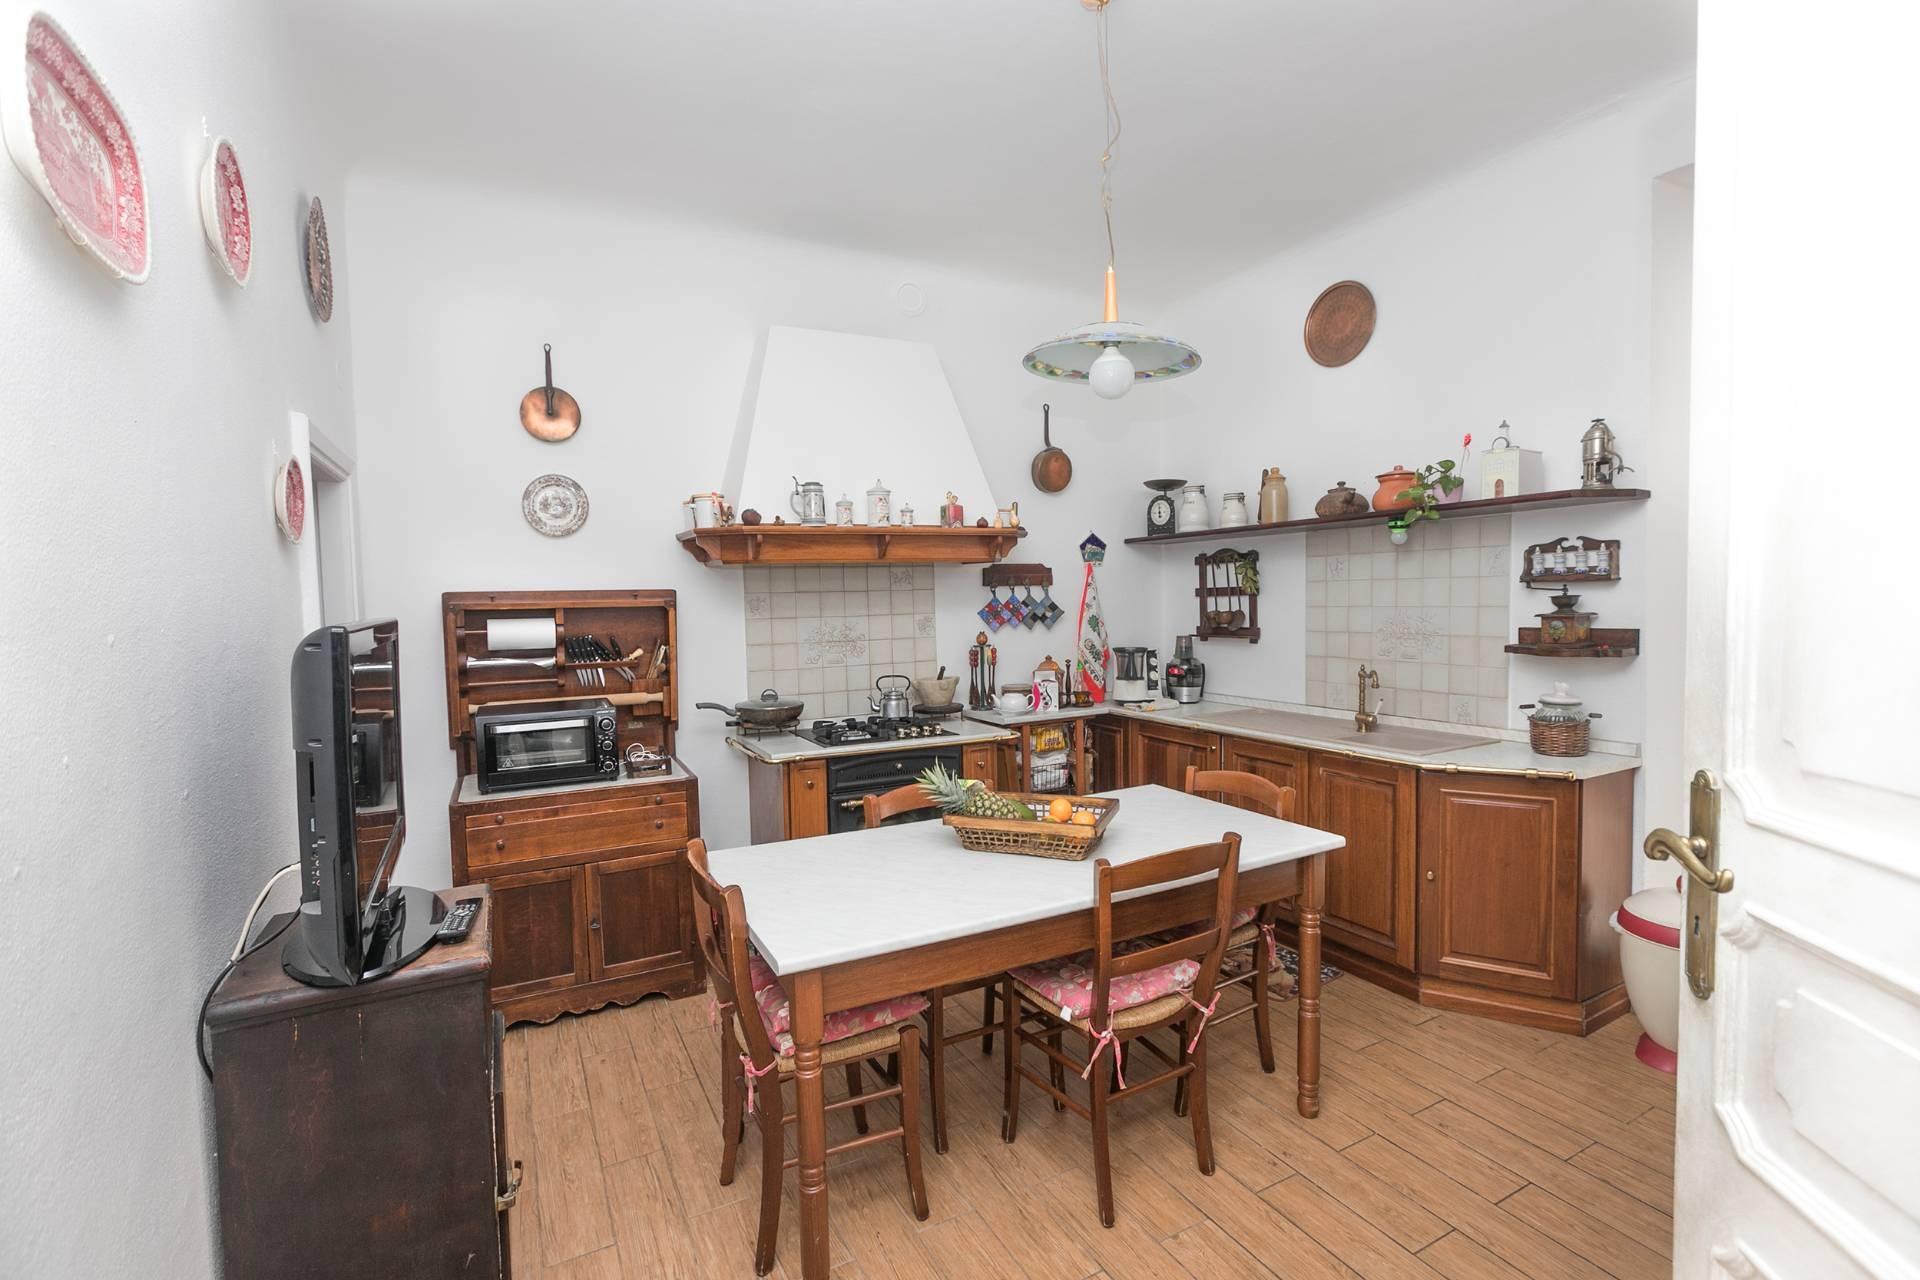 Appartamento GENOVA vendita  Pegli  Coldwell Banker Immobiliare Le Riviere